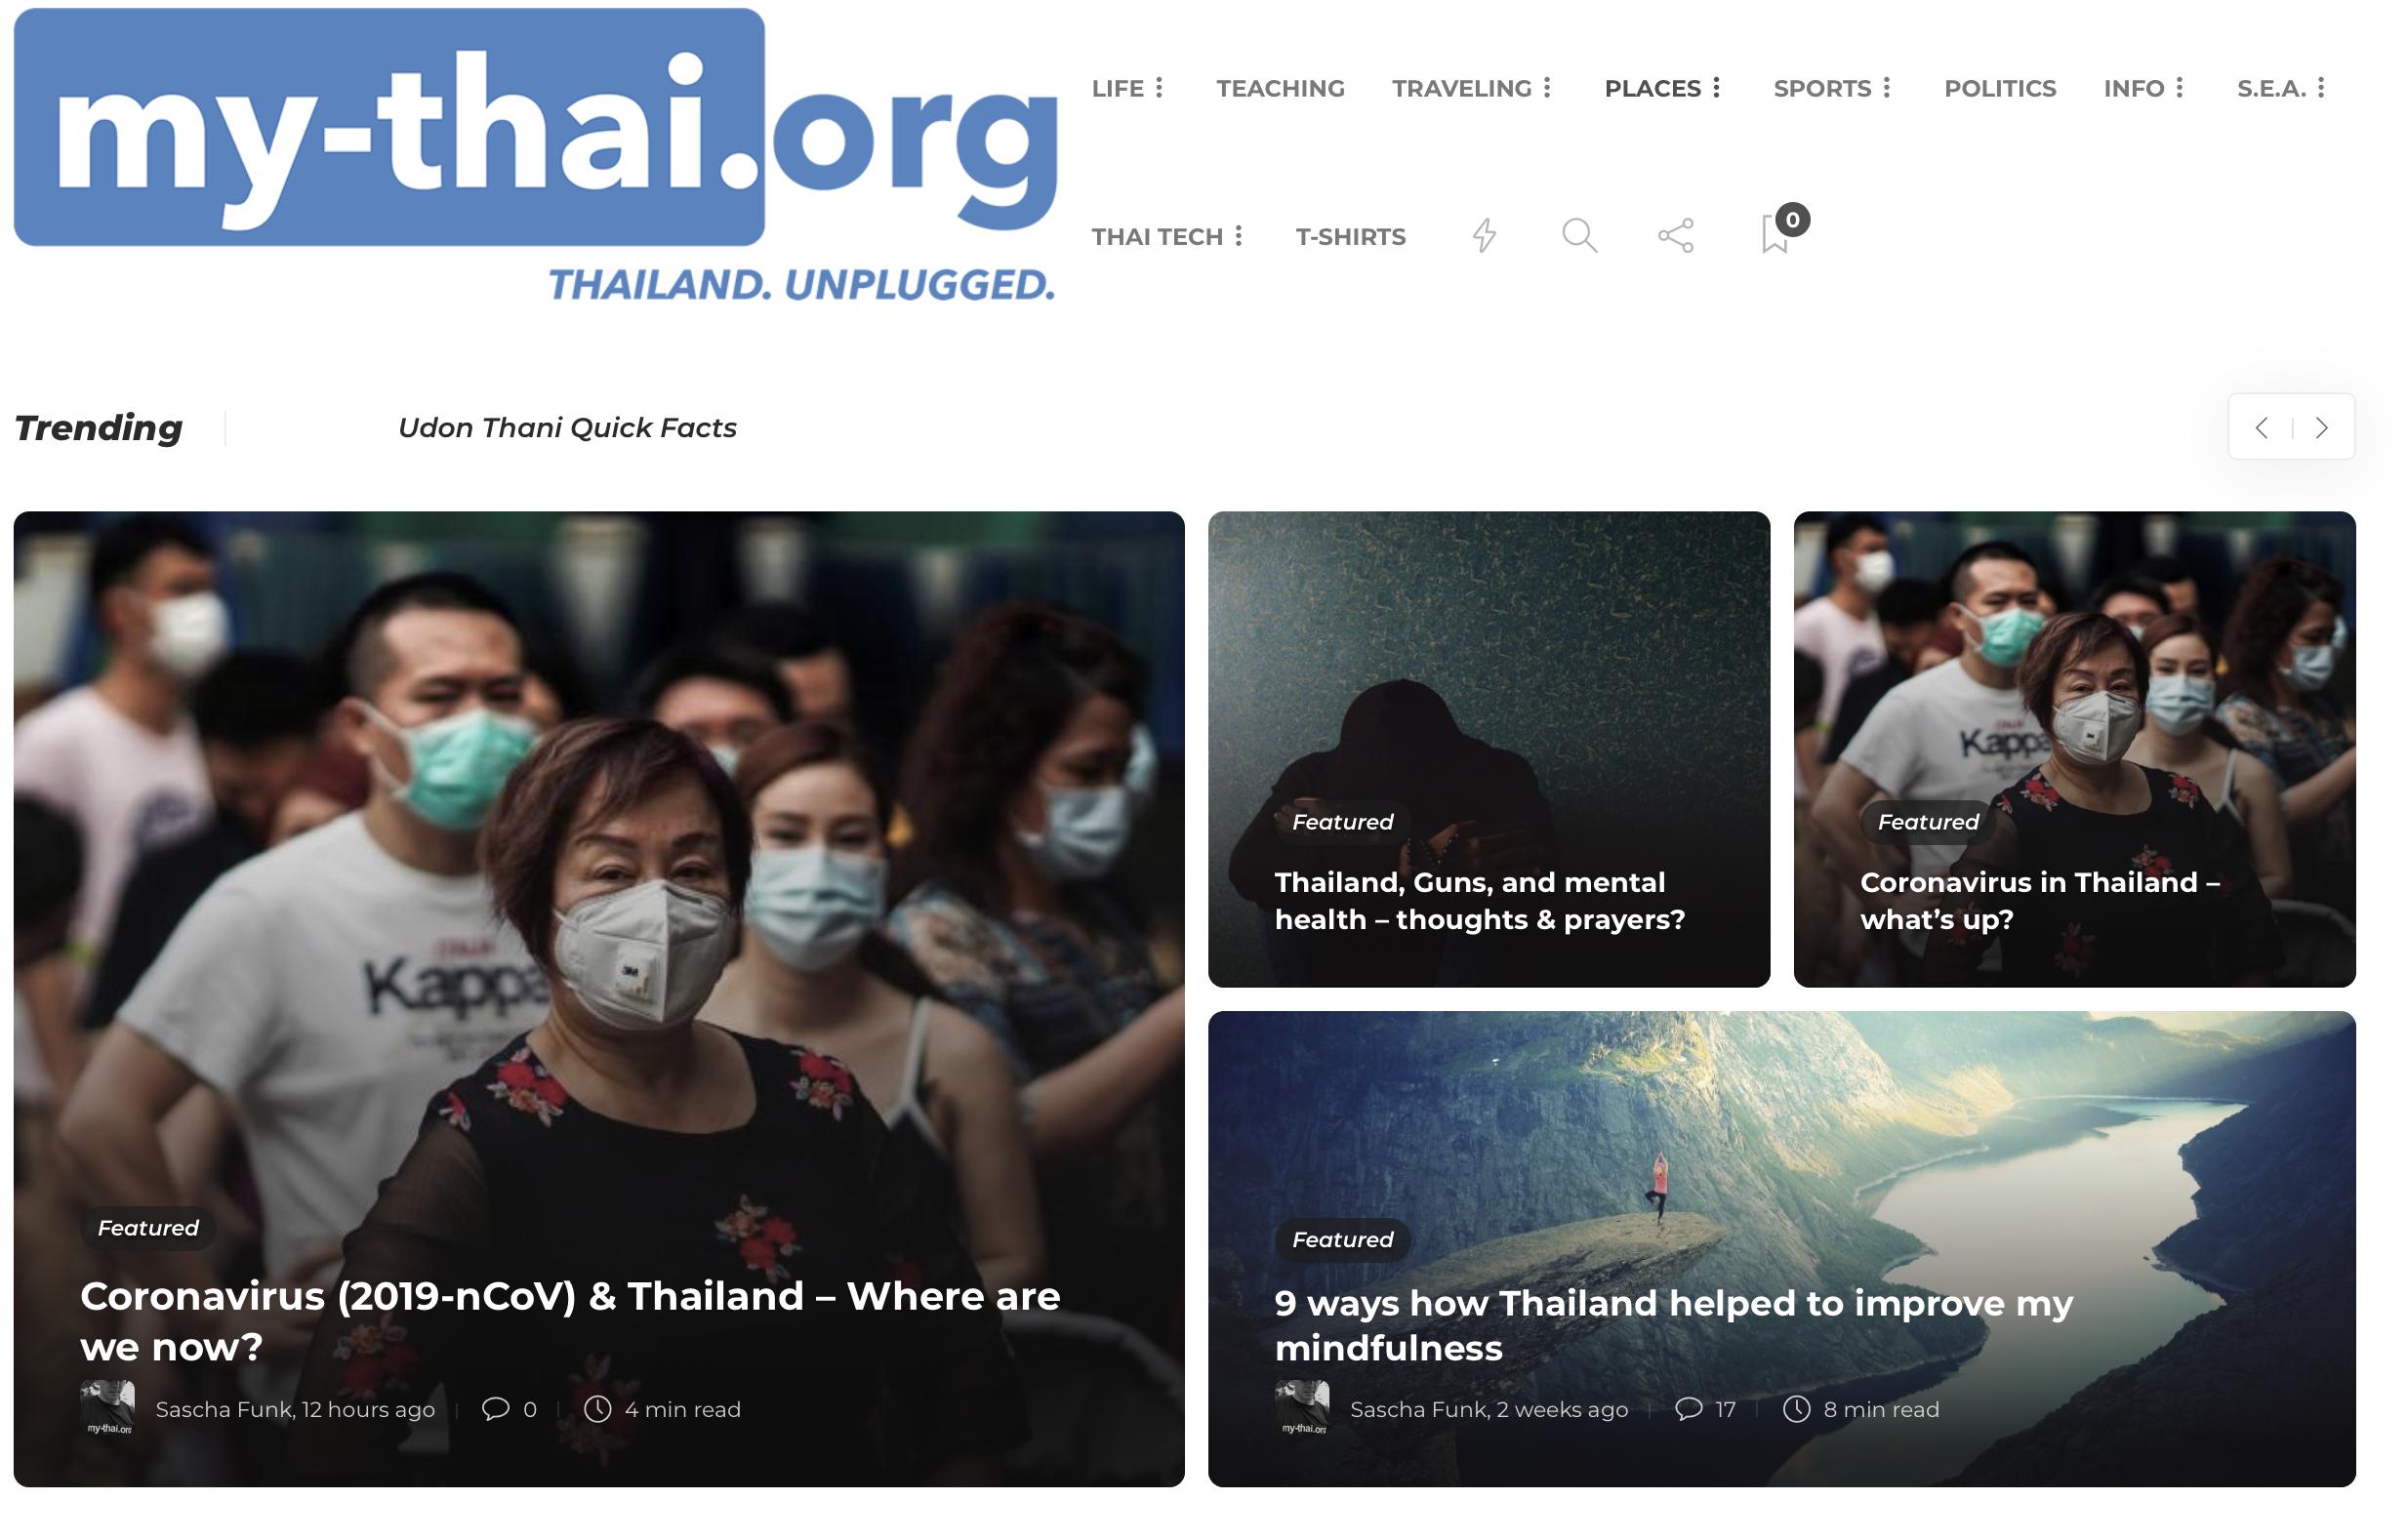 my-thai.org